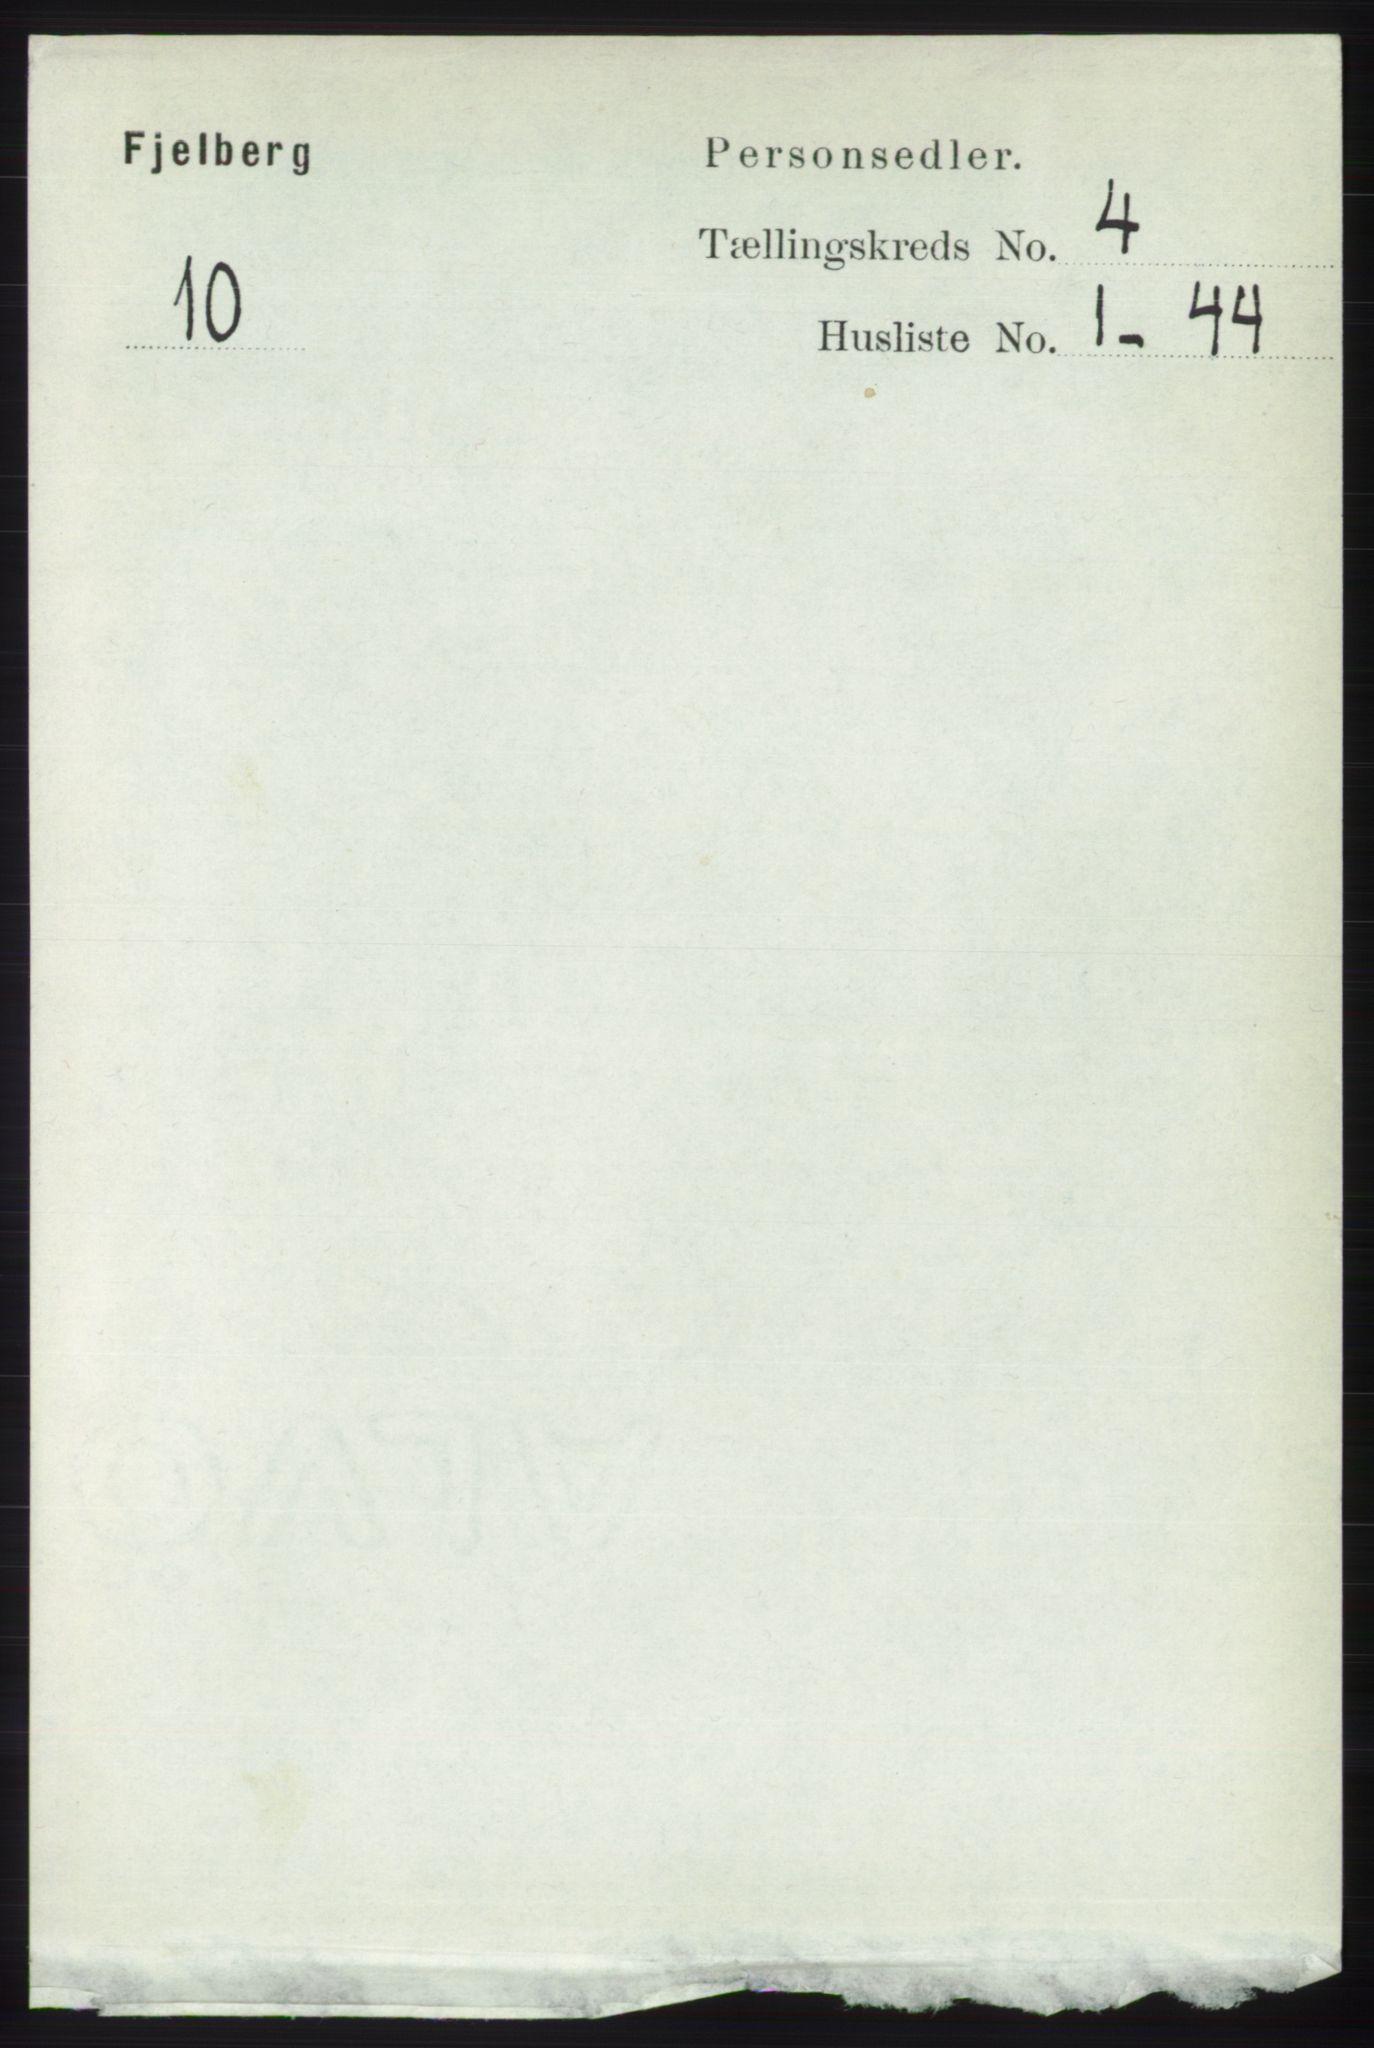 RA, Folketelling 1891 for 1213 Fjelberg herred, 1891, s. 1170